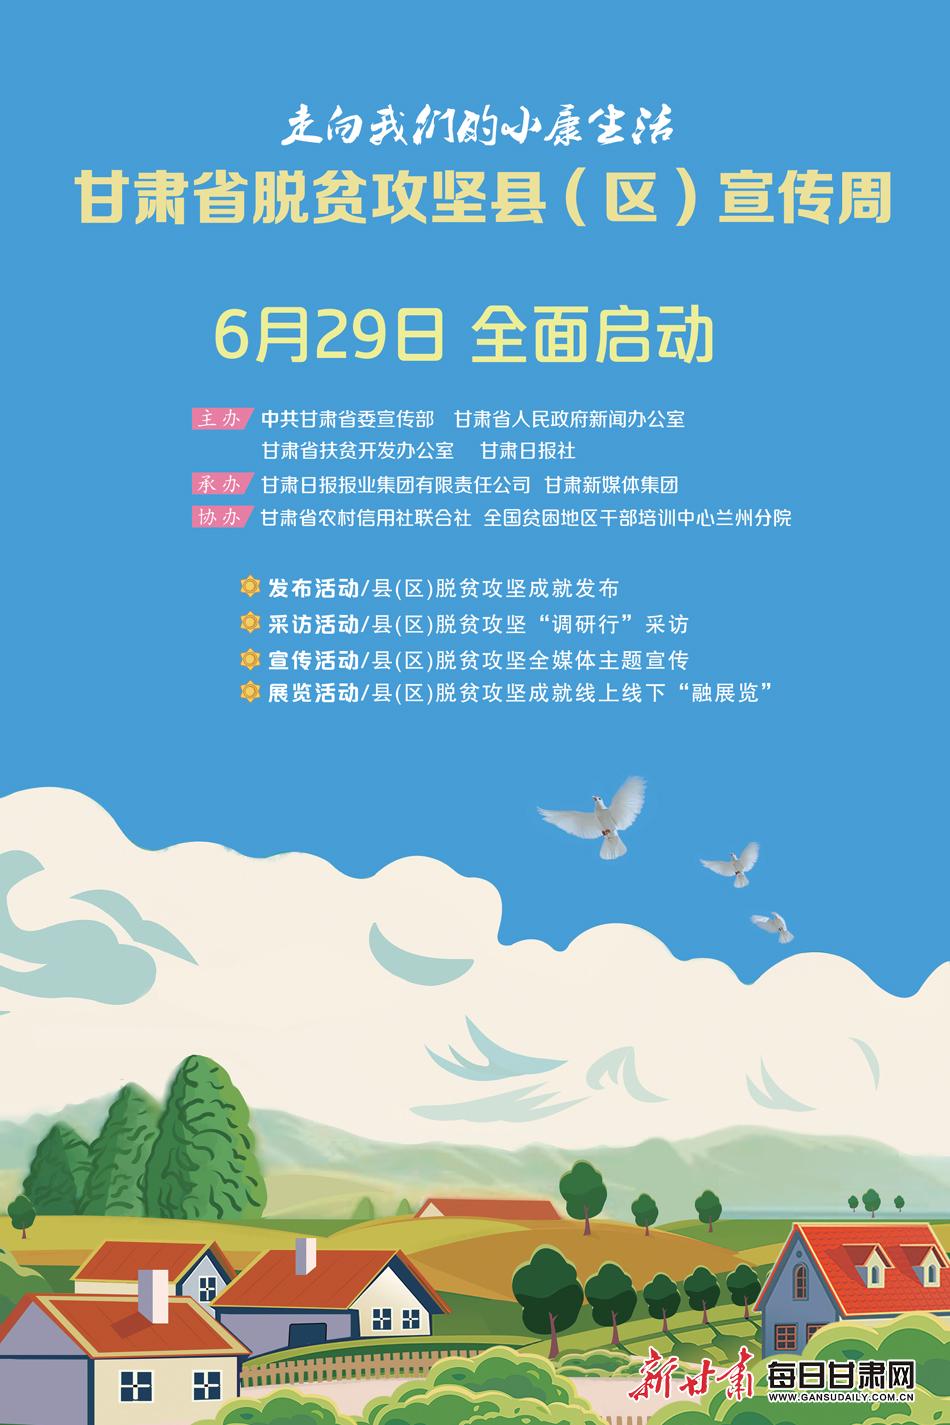 甘肃省脱贫攻坚县(区)宣传周6月29日全面启动